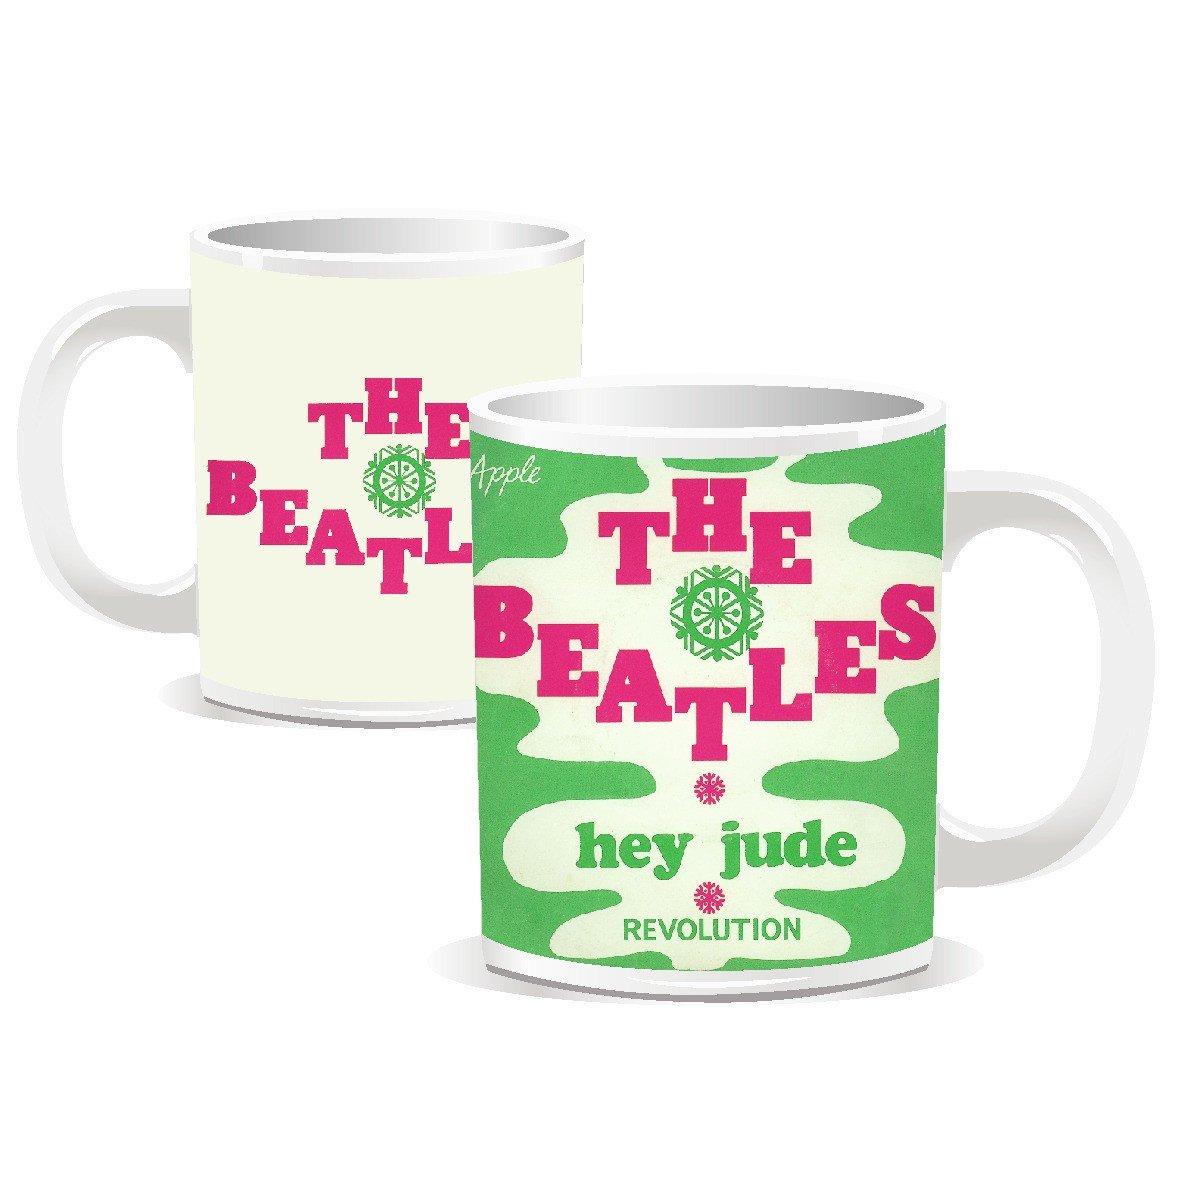 Hey Jude Half Moon Bay Mini Mug The Beatles